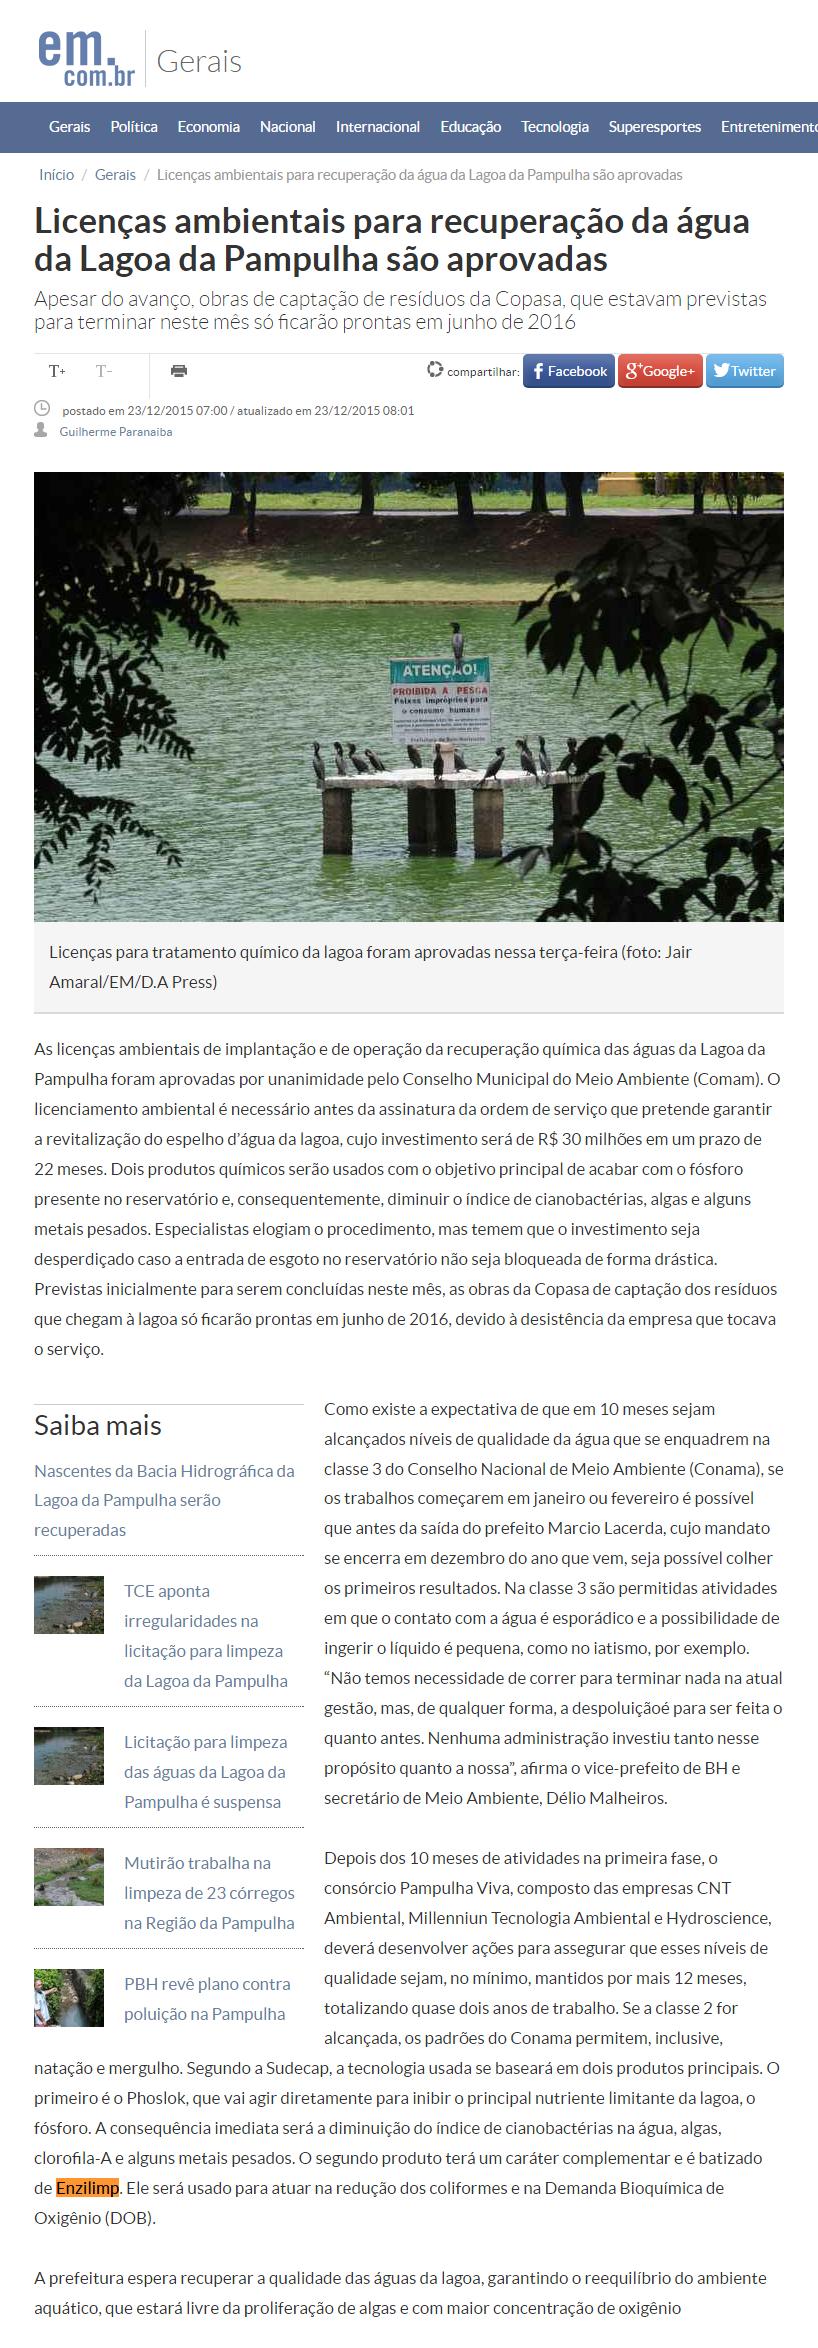 Licenças ambientais para recuperação da água da Lagoa da Pampulha são aprovadas, Enzilimp